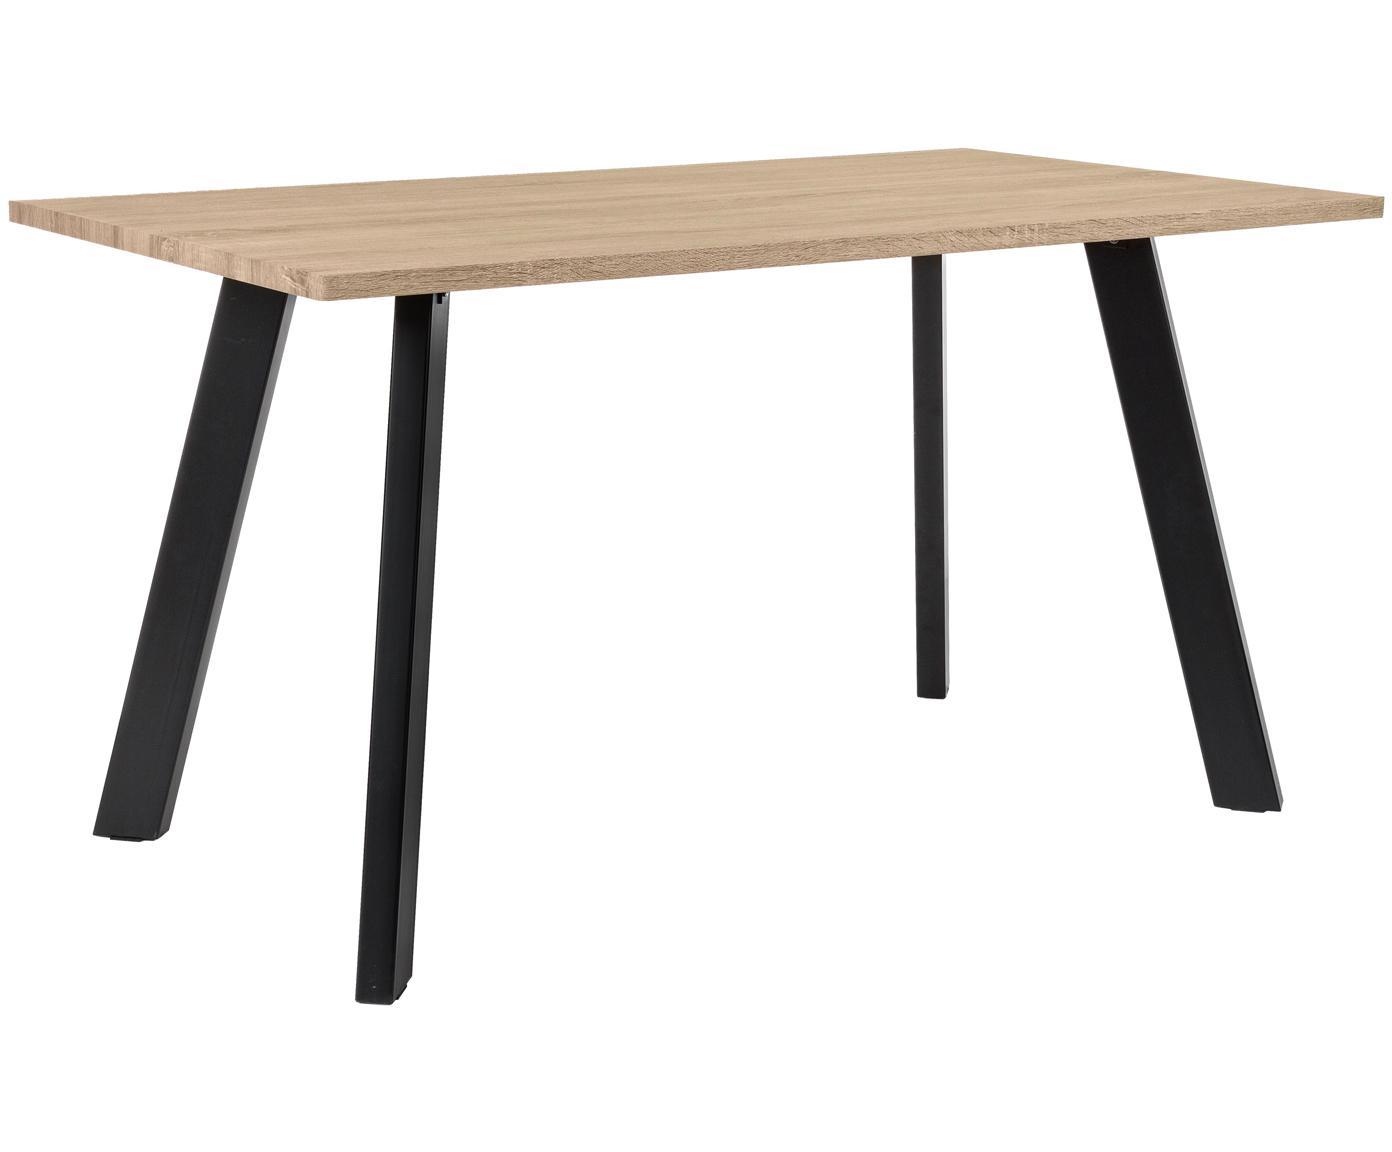 Stół do jadalni Henry, Blat: płyta pilśniowa (MDF) z p, Nogi: metal malowany proszkowo, Drewno dębowe, S 140 x G 80 cm